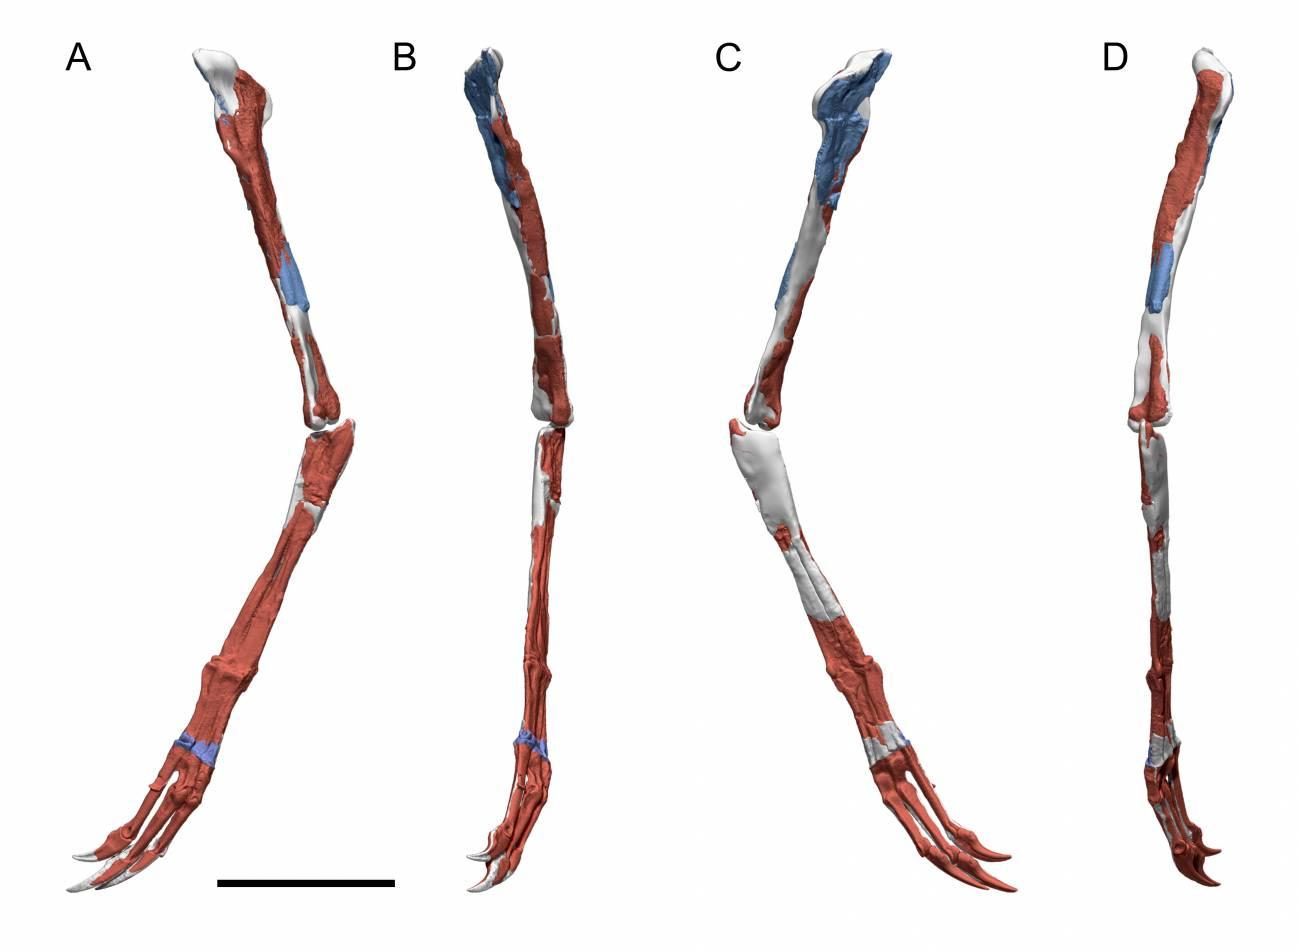 Reconstrucción en 3D del brazo de Pelecanimimus a partir de la fotogrametría realizada en el fósil.